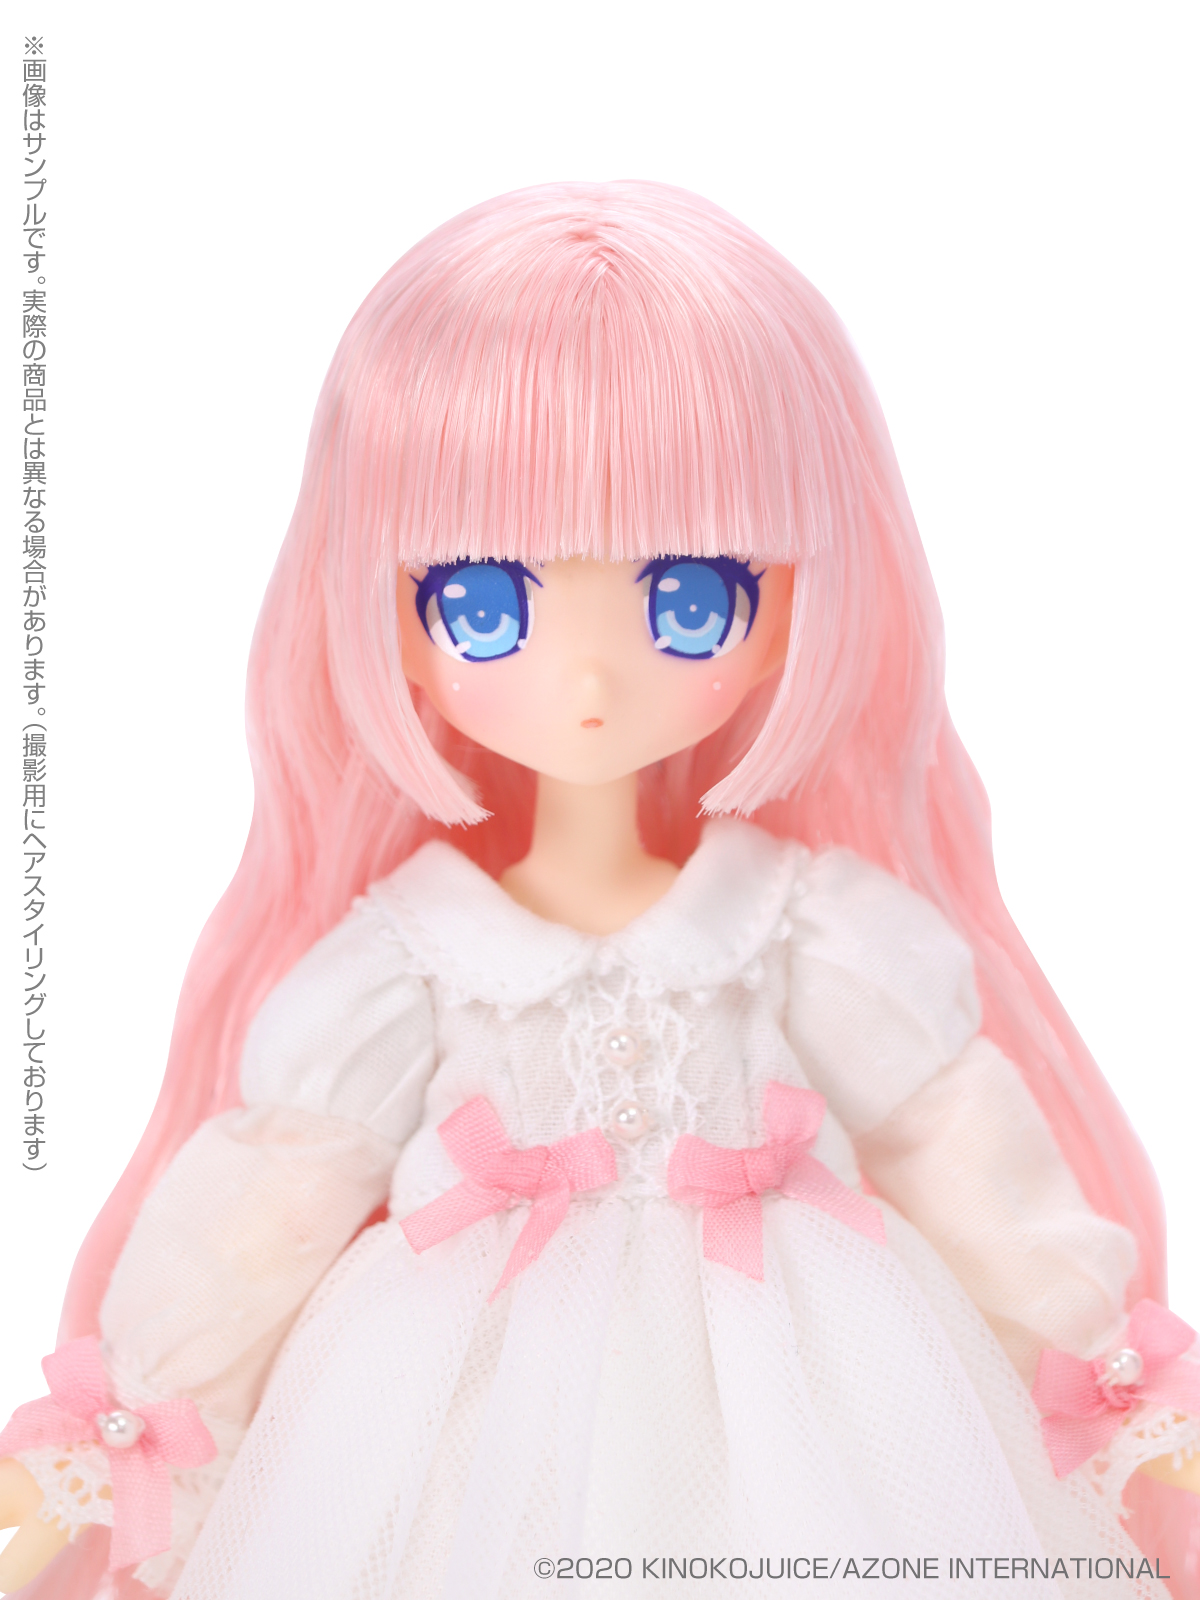 キノコジュース×Lil'Fairy『Twinkle☆Candy Girls/リプー』1/12 完成品ドール-001